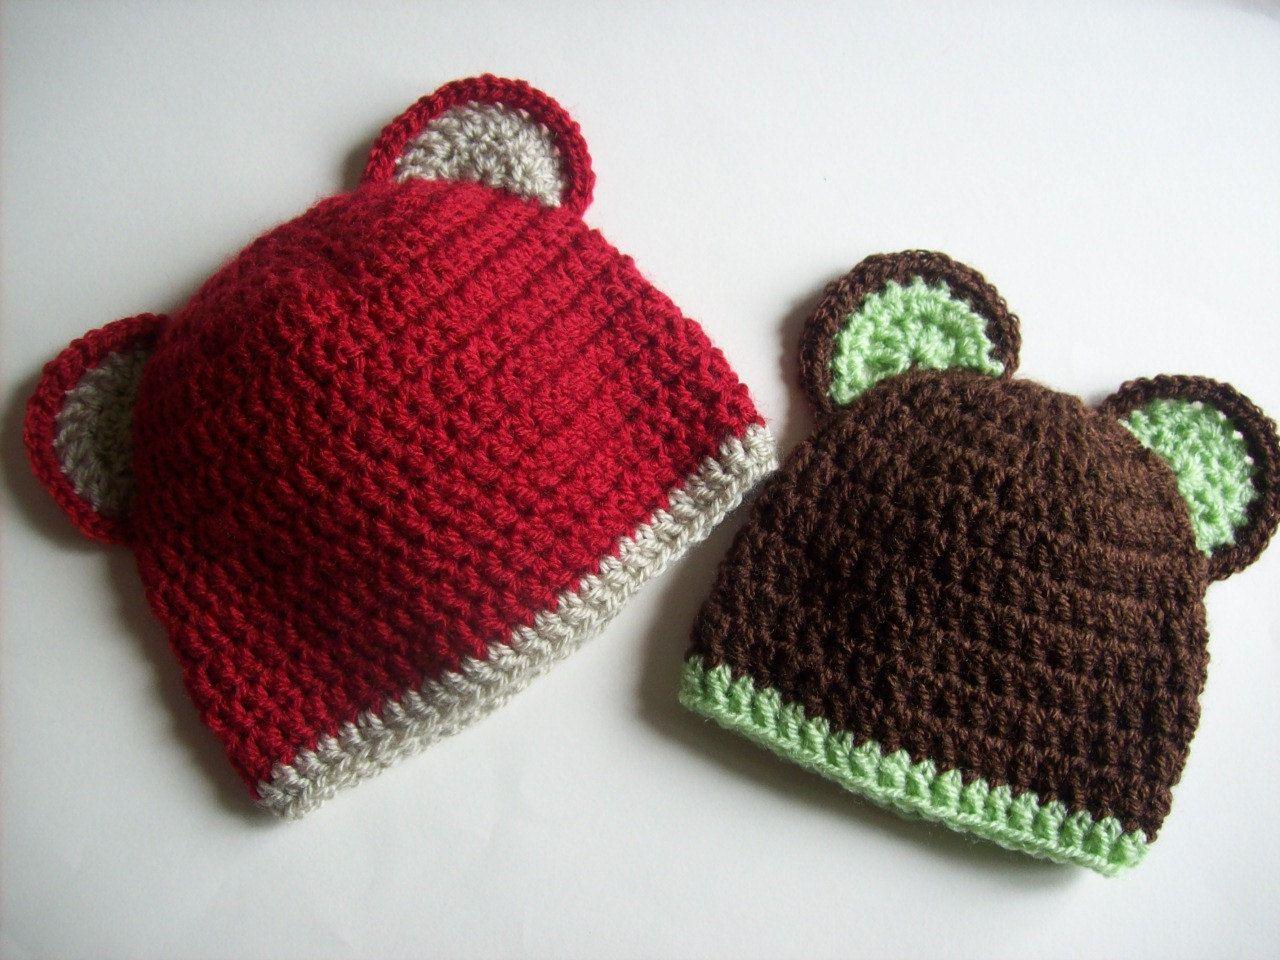 Baby hat crochet pattern the teddy bear hat from by minimunchkins baby hat crochet pattern the teddy bear hat from by minimunchkins 499 bankloansurffo Gallery